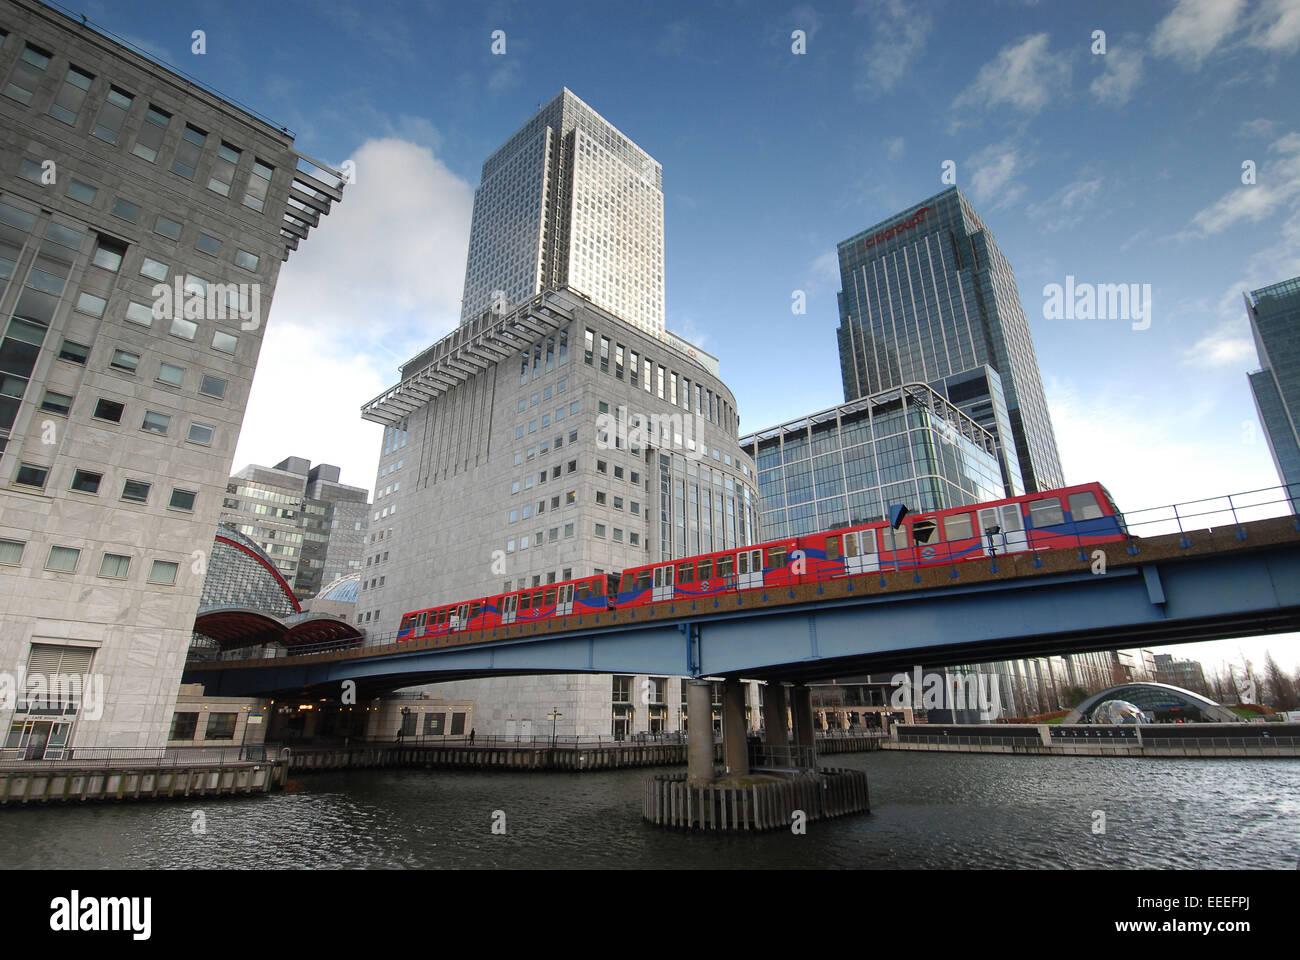 DLR auf Eisenbahnbrücke in den Docklands trainieren Stockbild